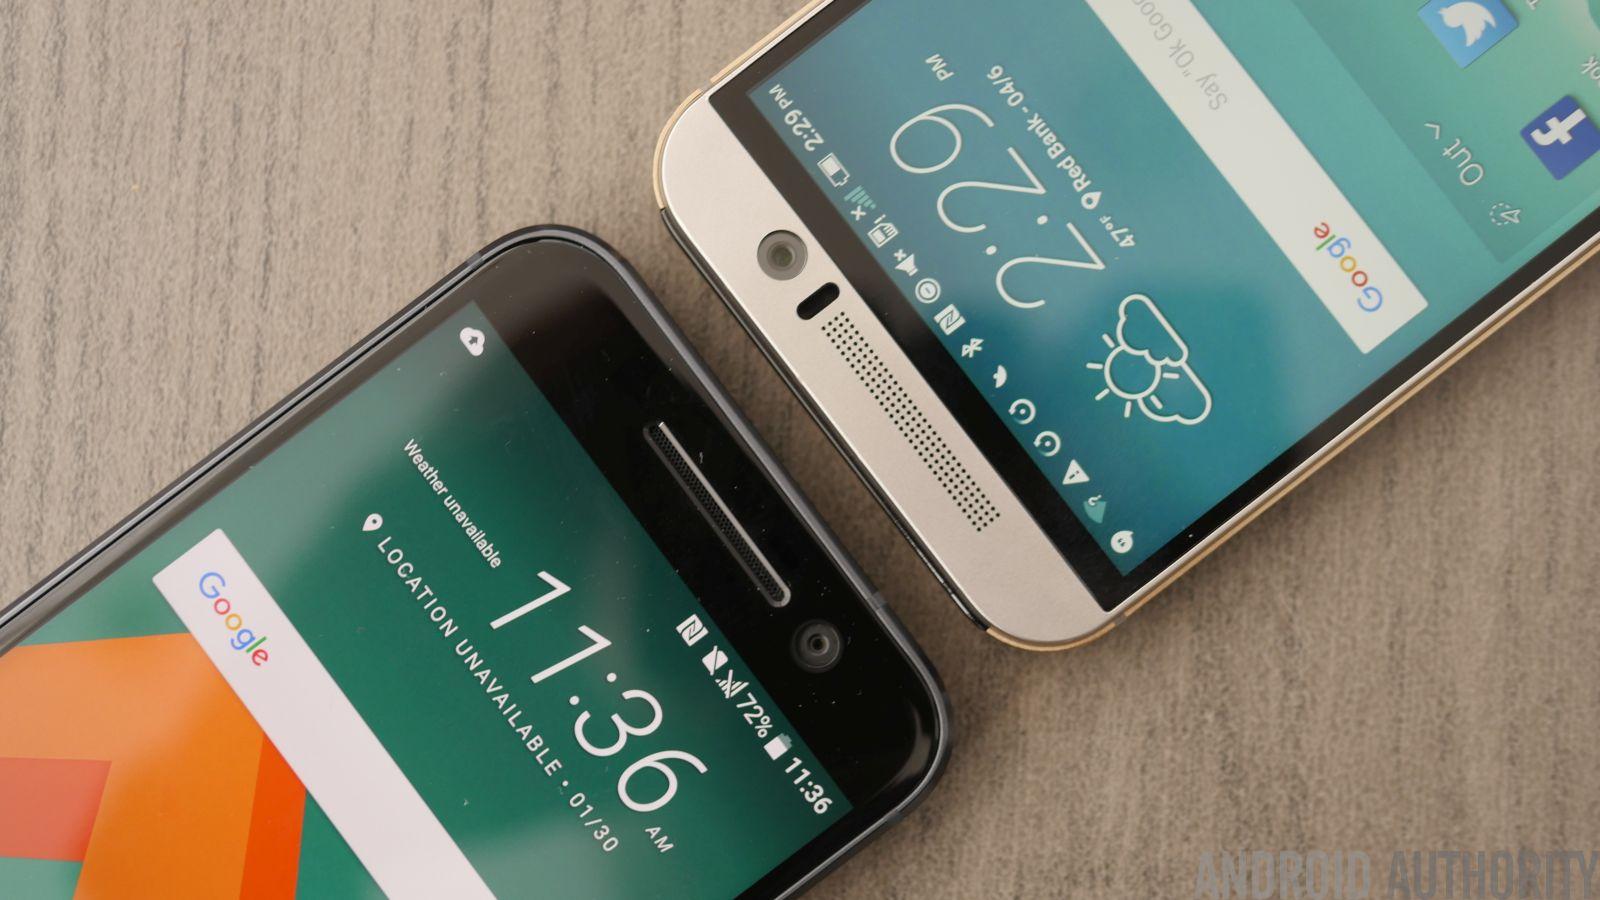 HTC 10 vs HTC One M9 (6)